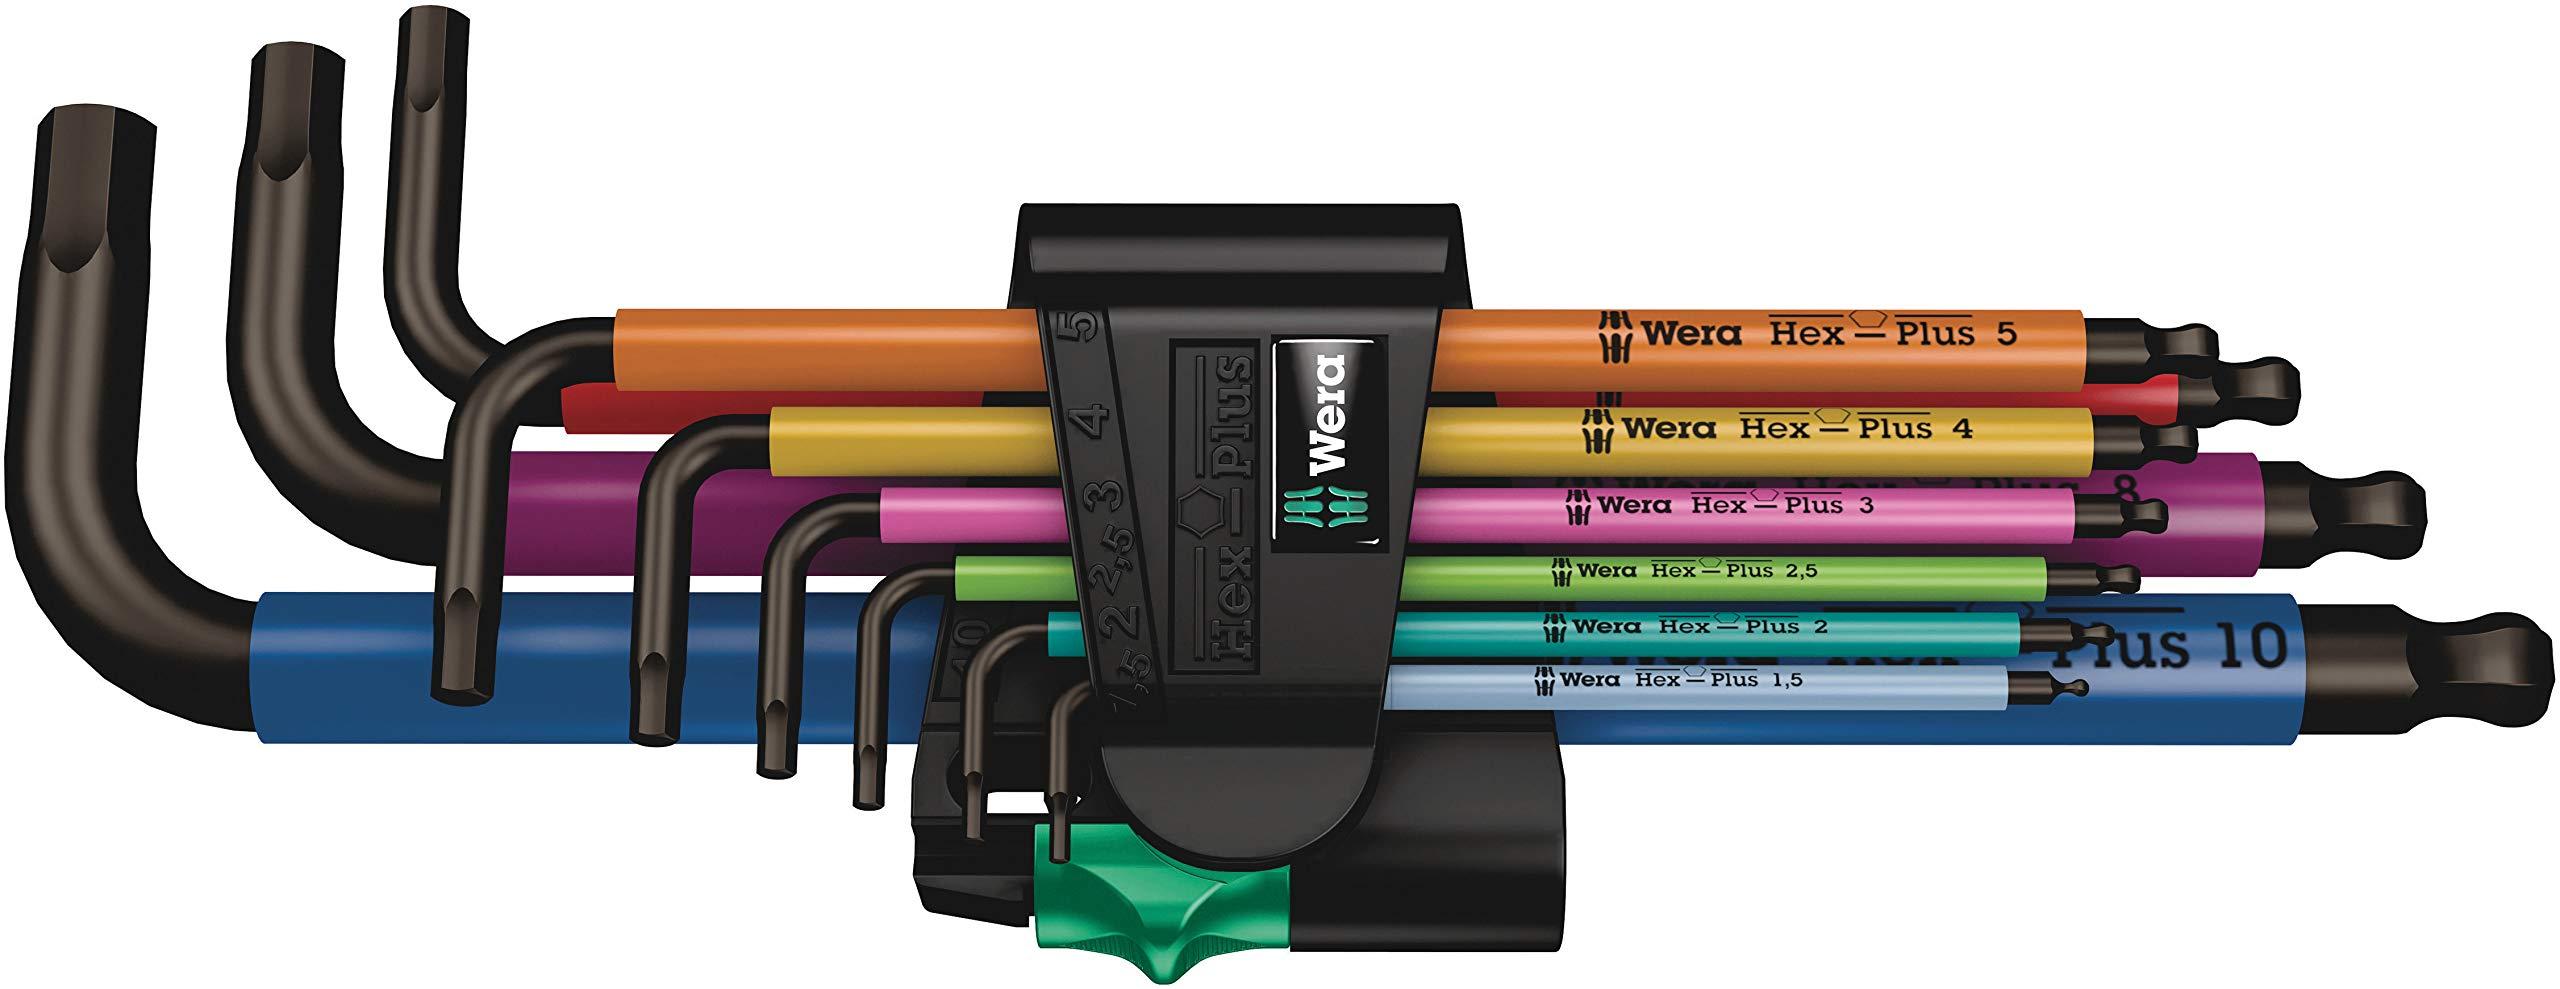 Wera 05073593001 950 Spkl/9 Sm N Multicolor L-Key Set, Metric, Blacklaser, 9 Pieces by Wera